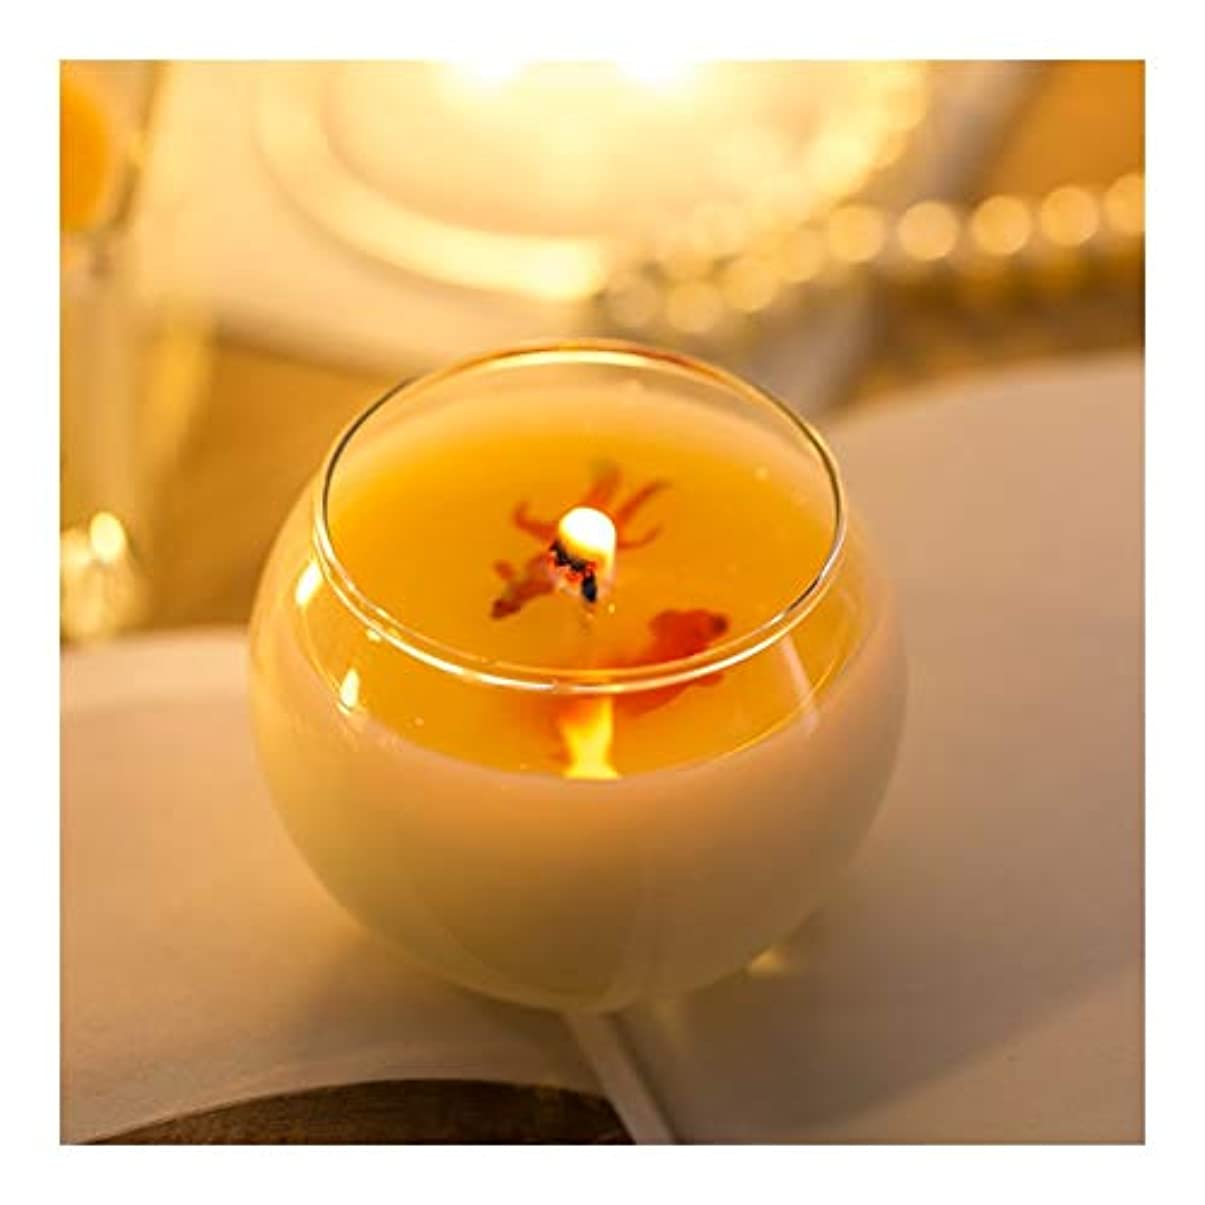 縞模様の成熟スクリーチACAO 小箱入りアロマゴールドフィッシュキャンドルロマンチックホリデーギフトピュアカラーゴールドフィッシュキャンドル (色 : Night scent)